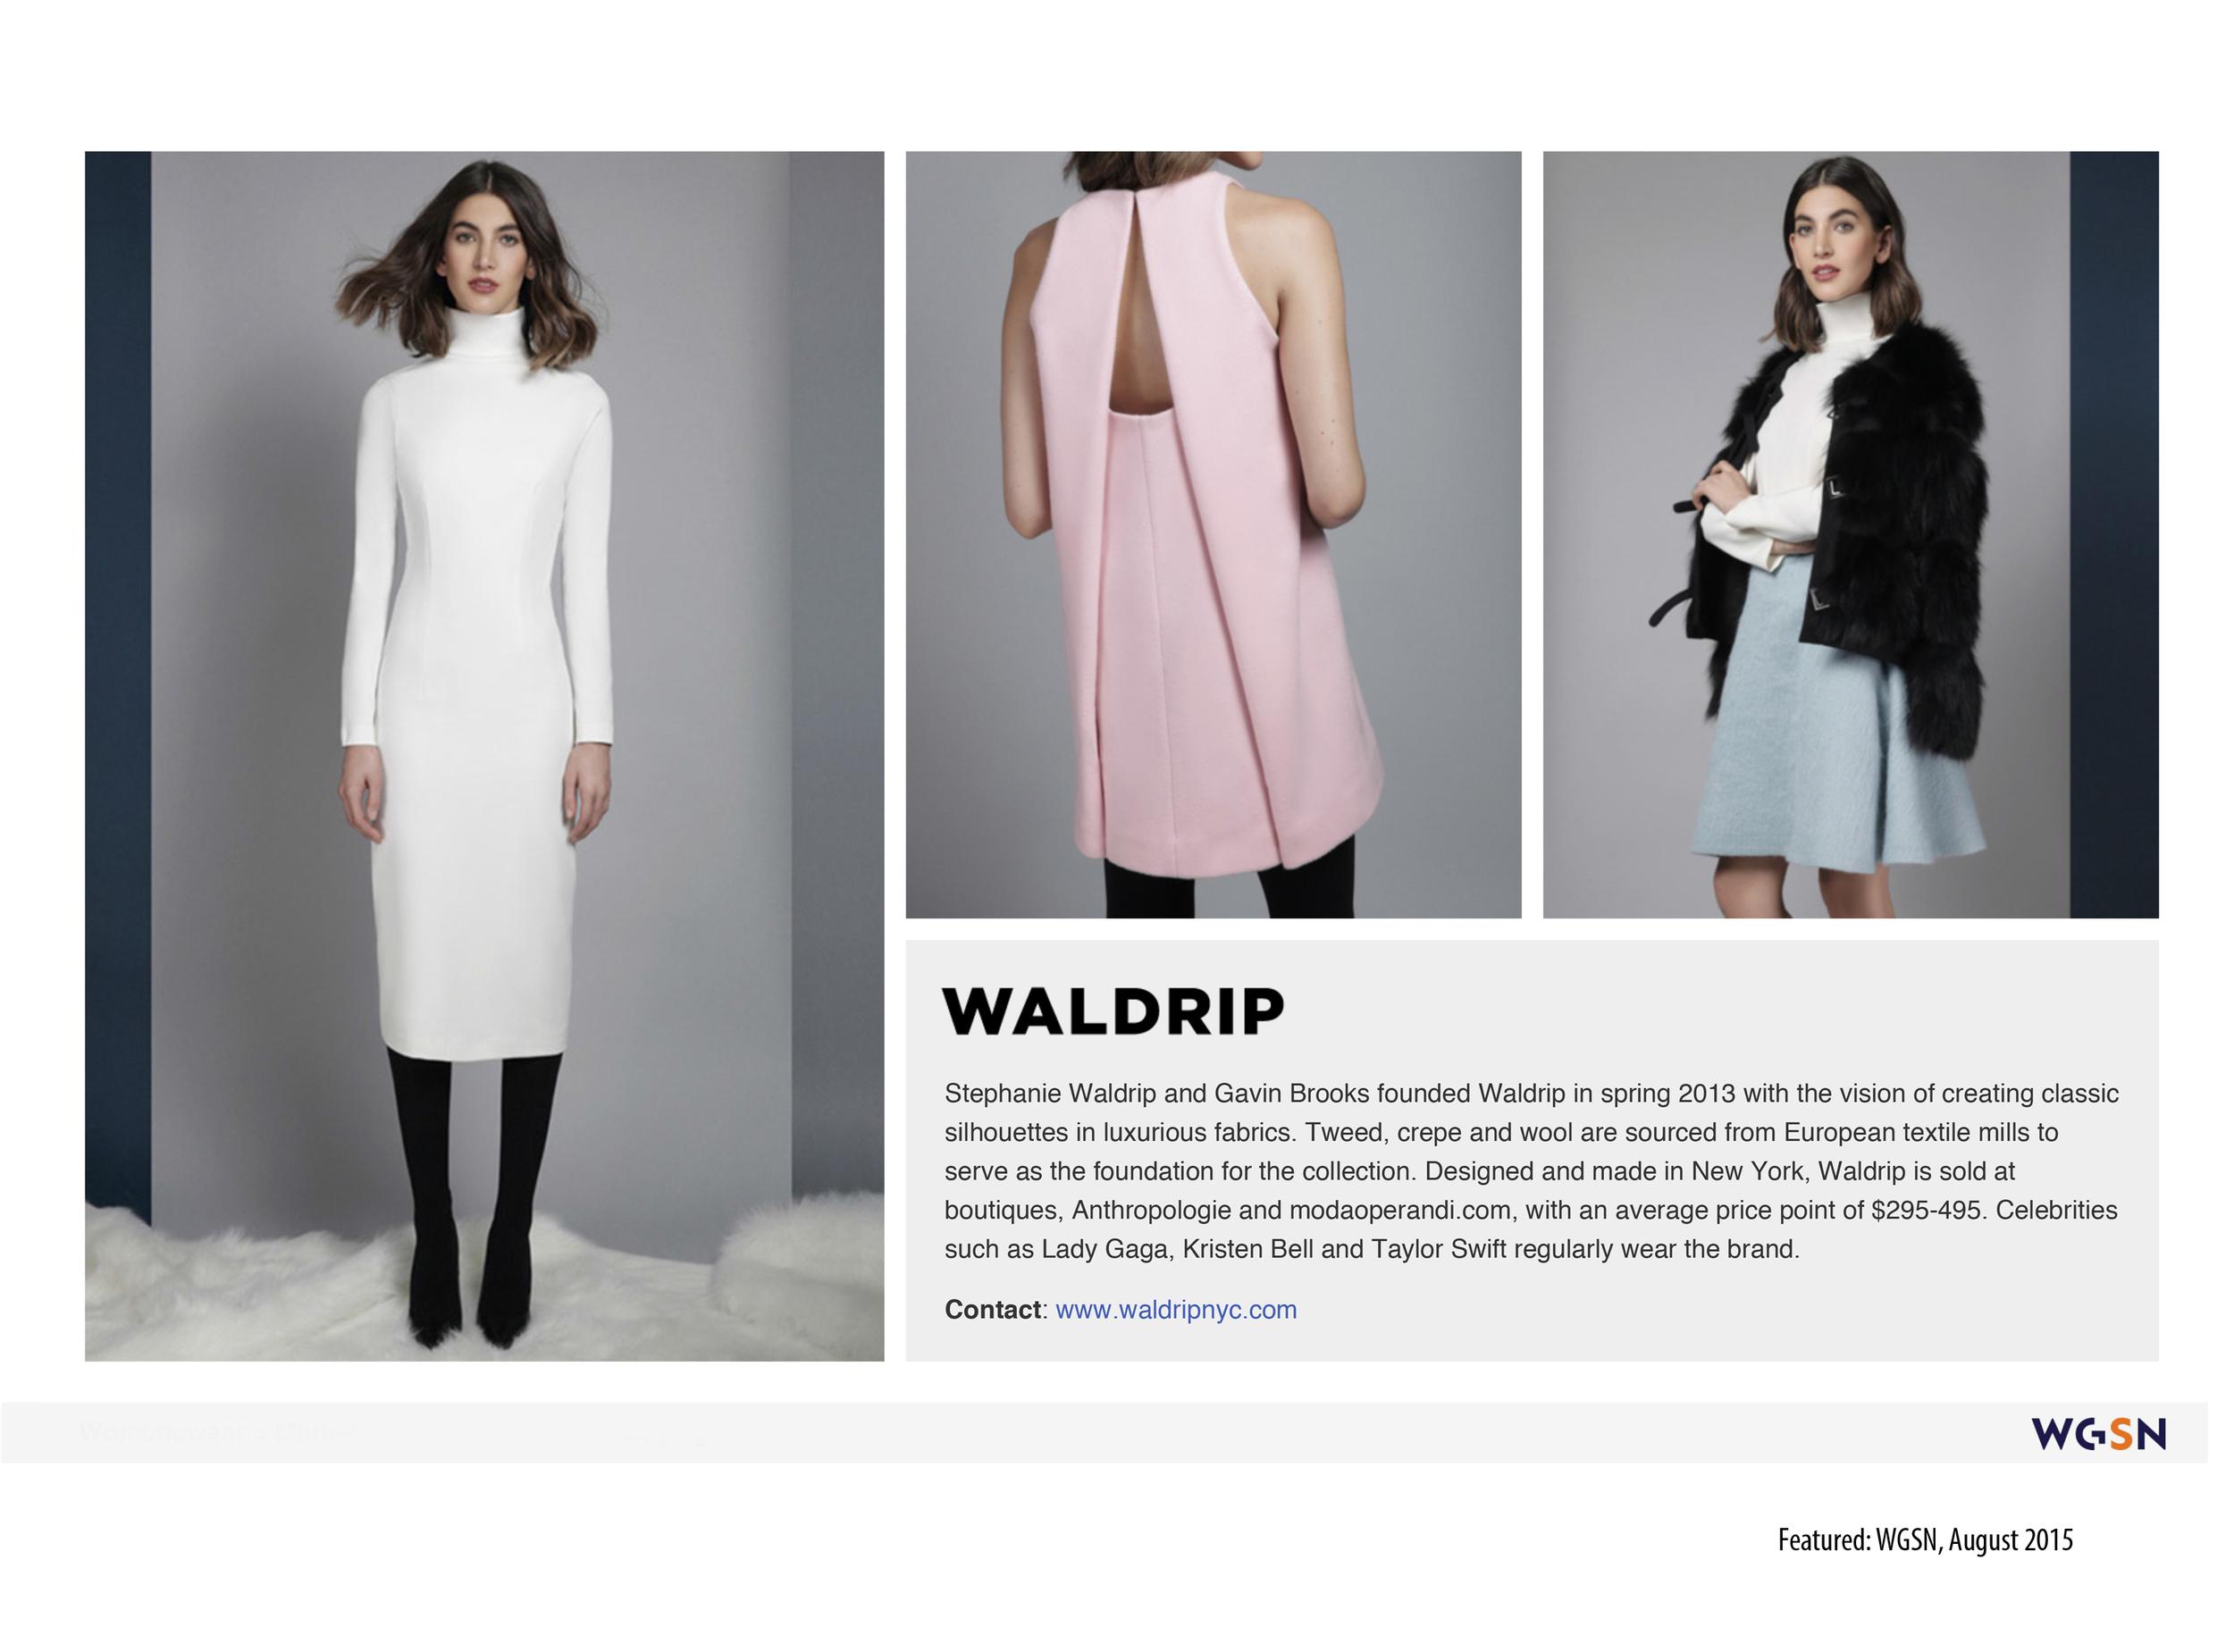 WaldripPressKit-WGSN-2.jpg